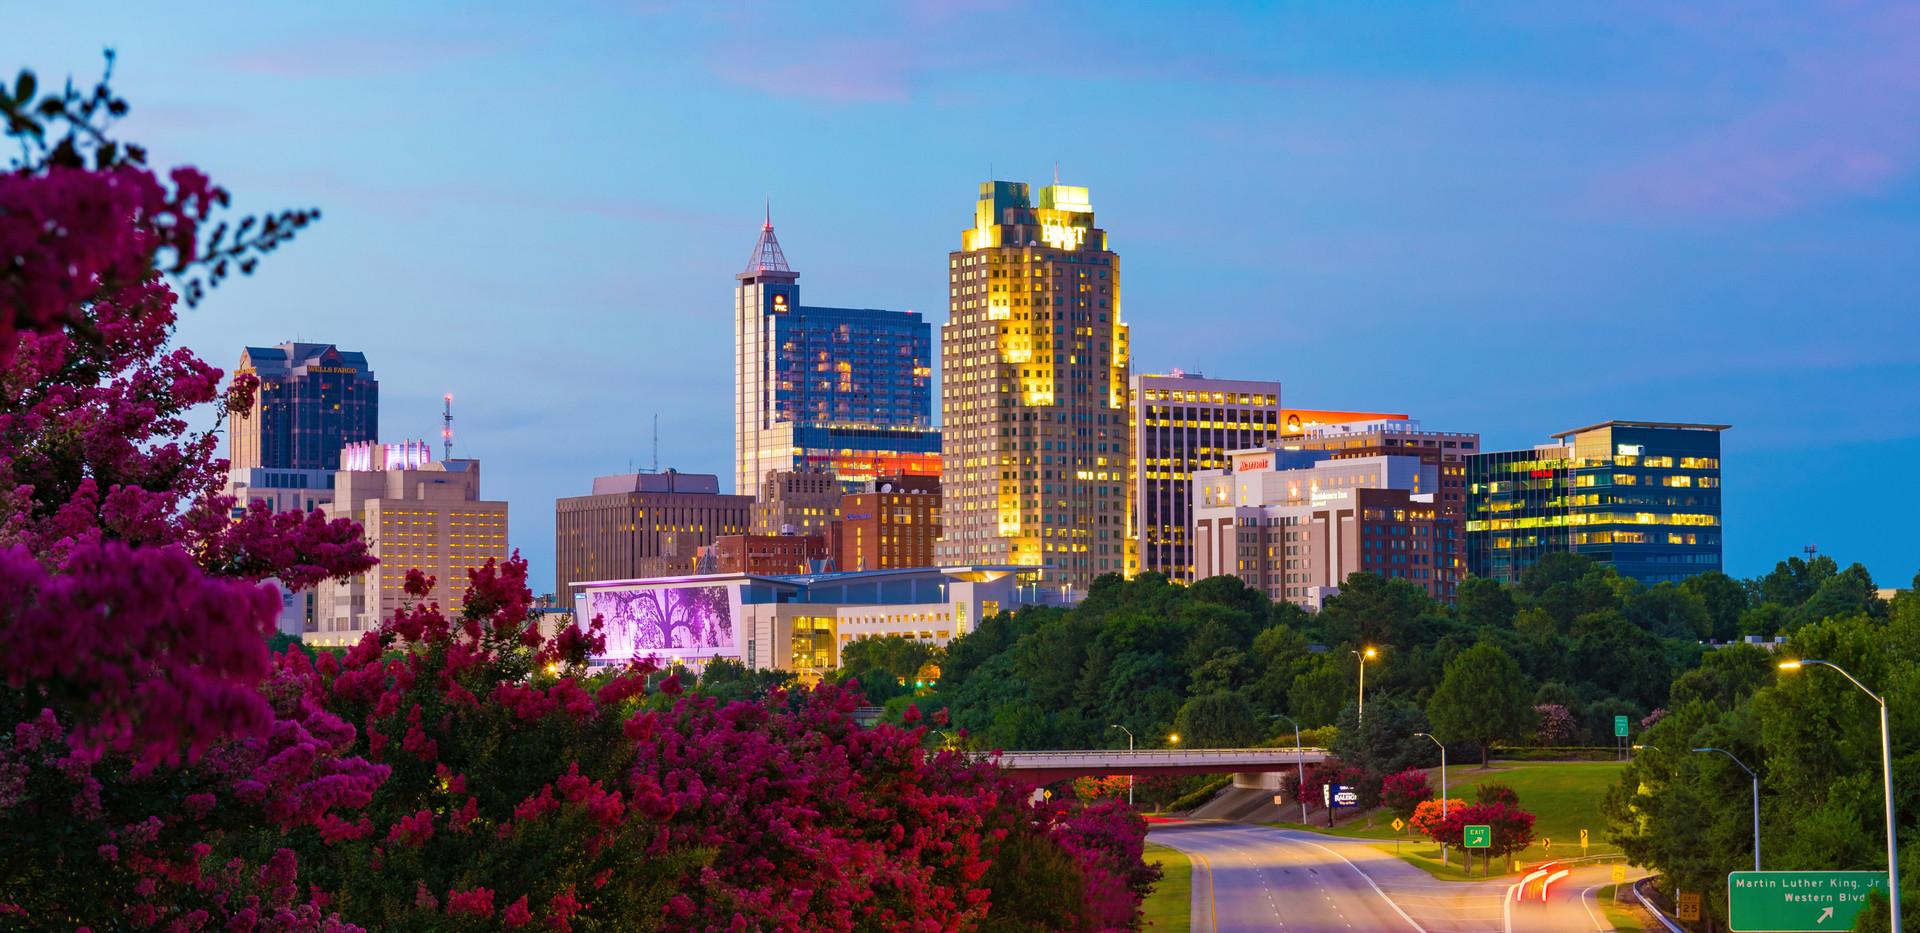 Skyline of Raleigh, N.C.